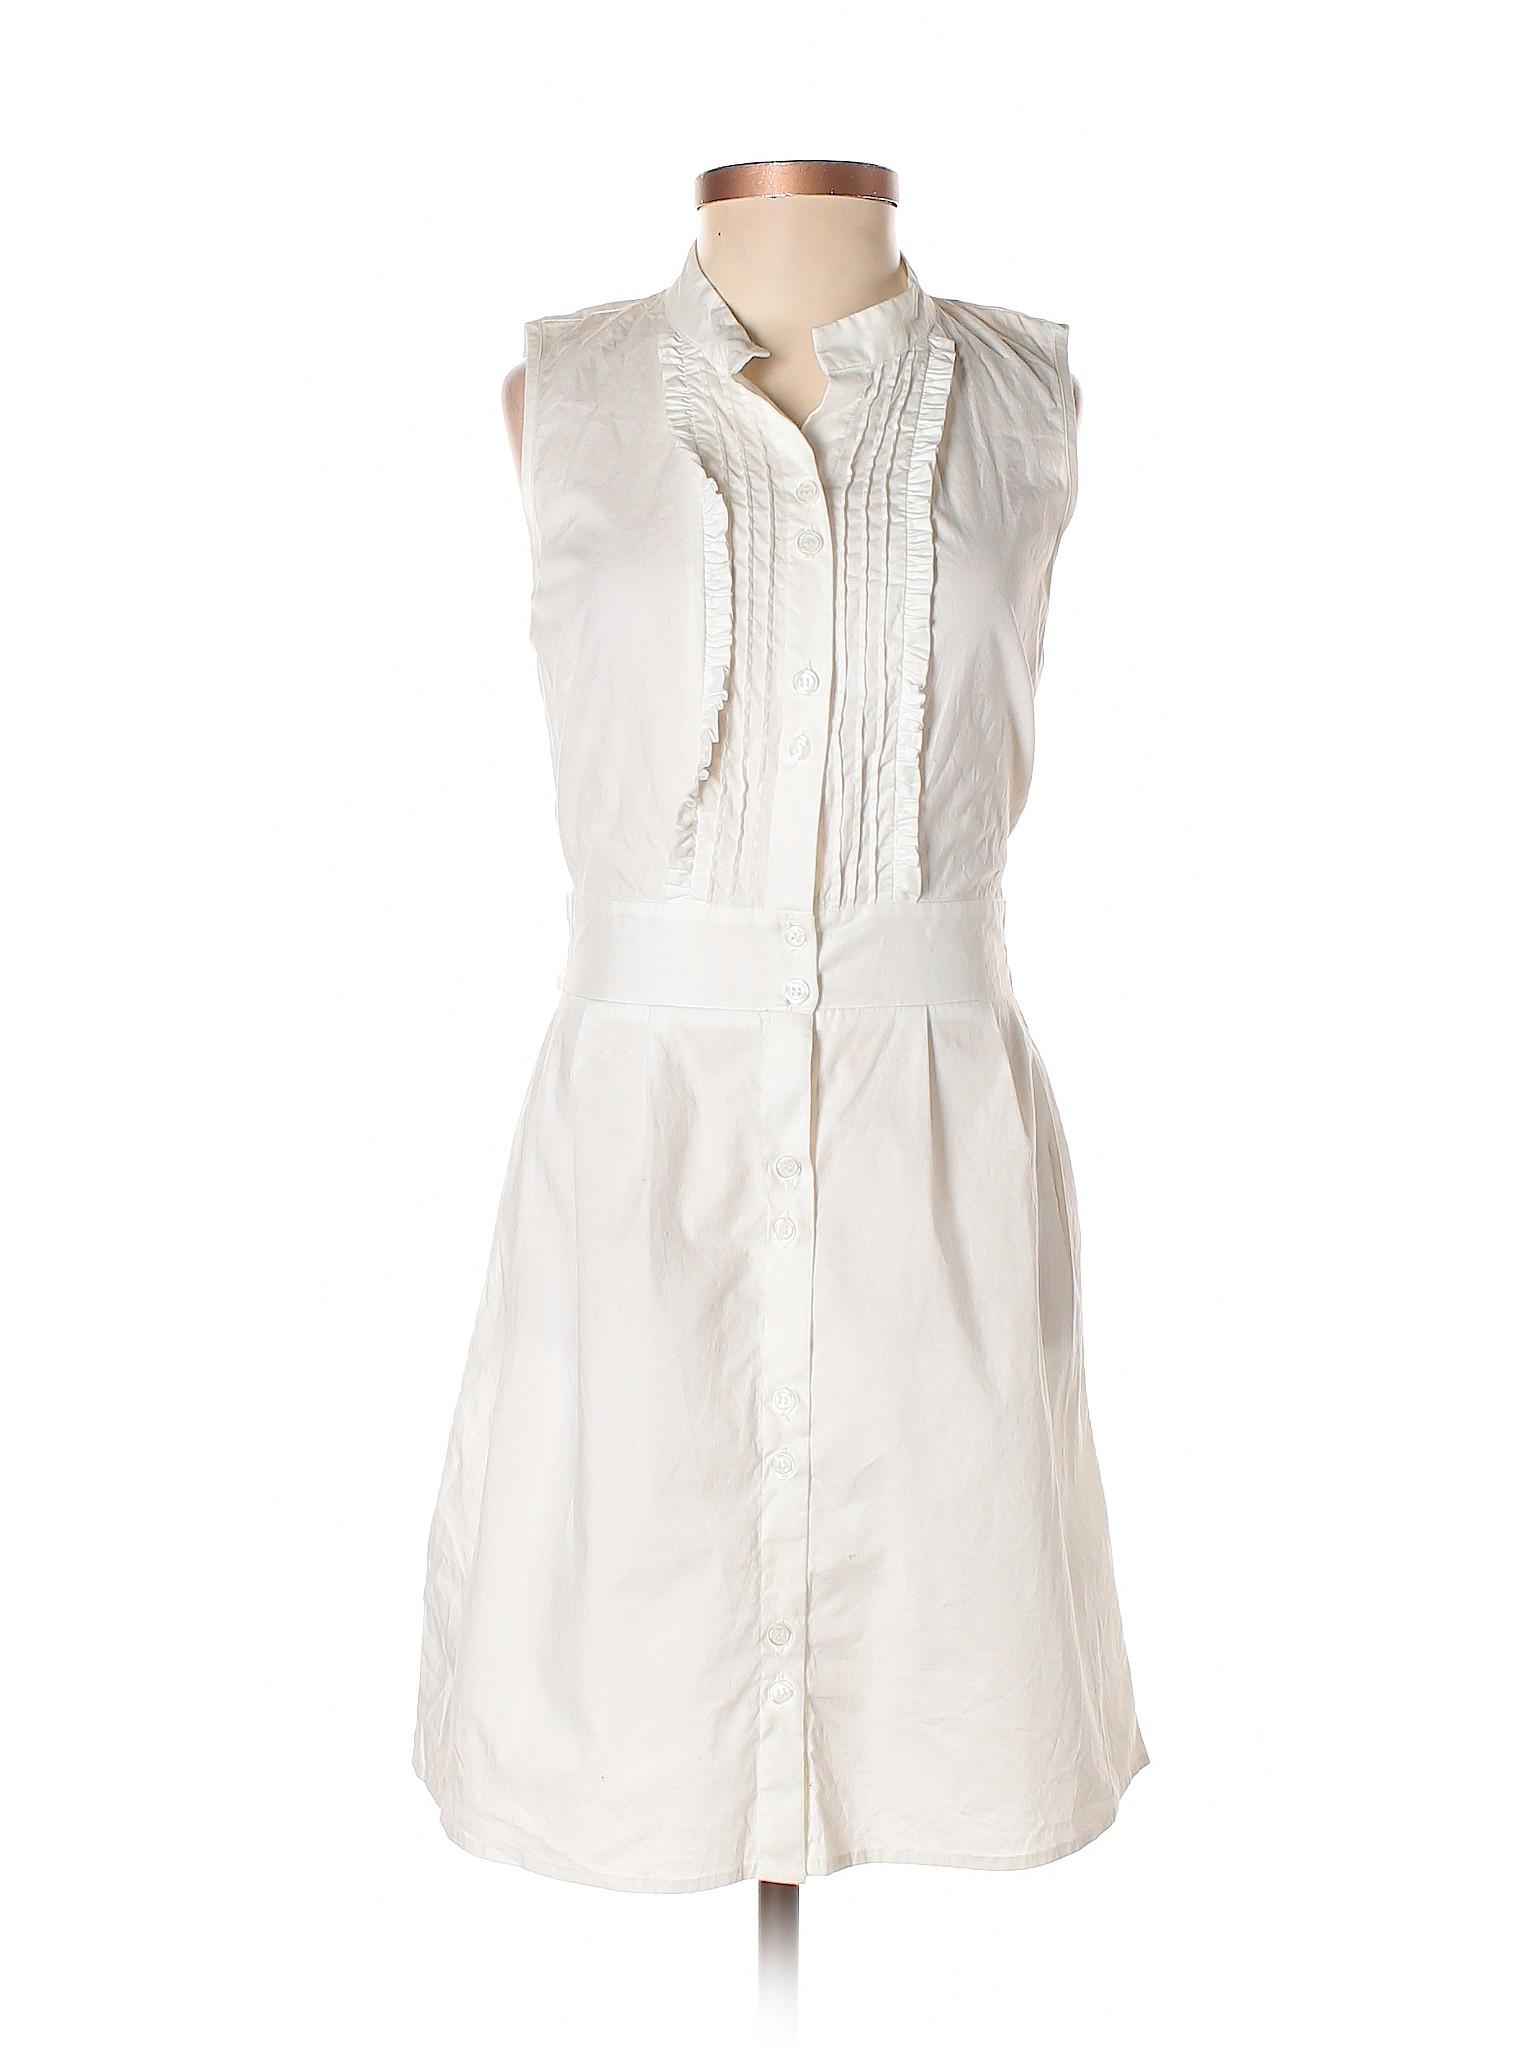 Dress Degrees Boutique Casual 6 winter xA7q6HI